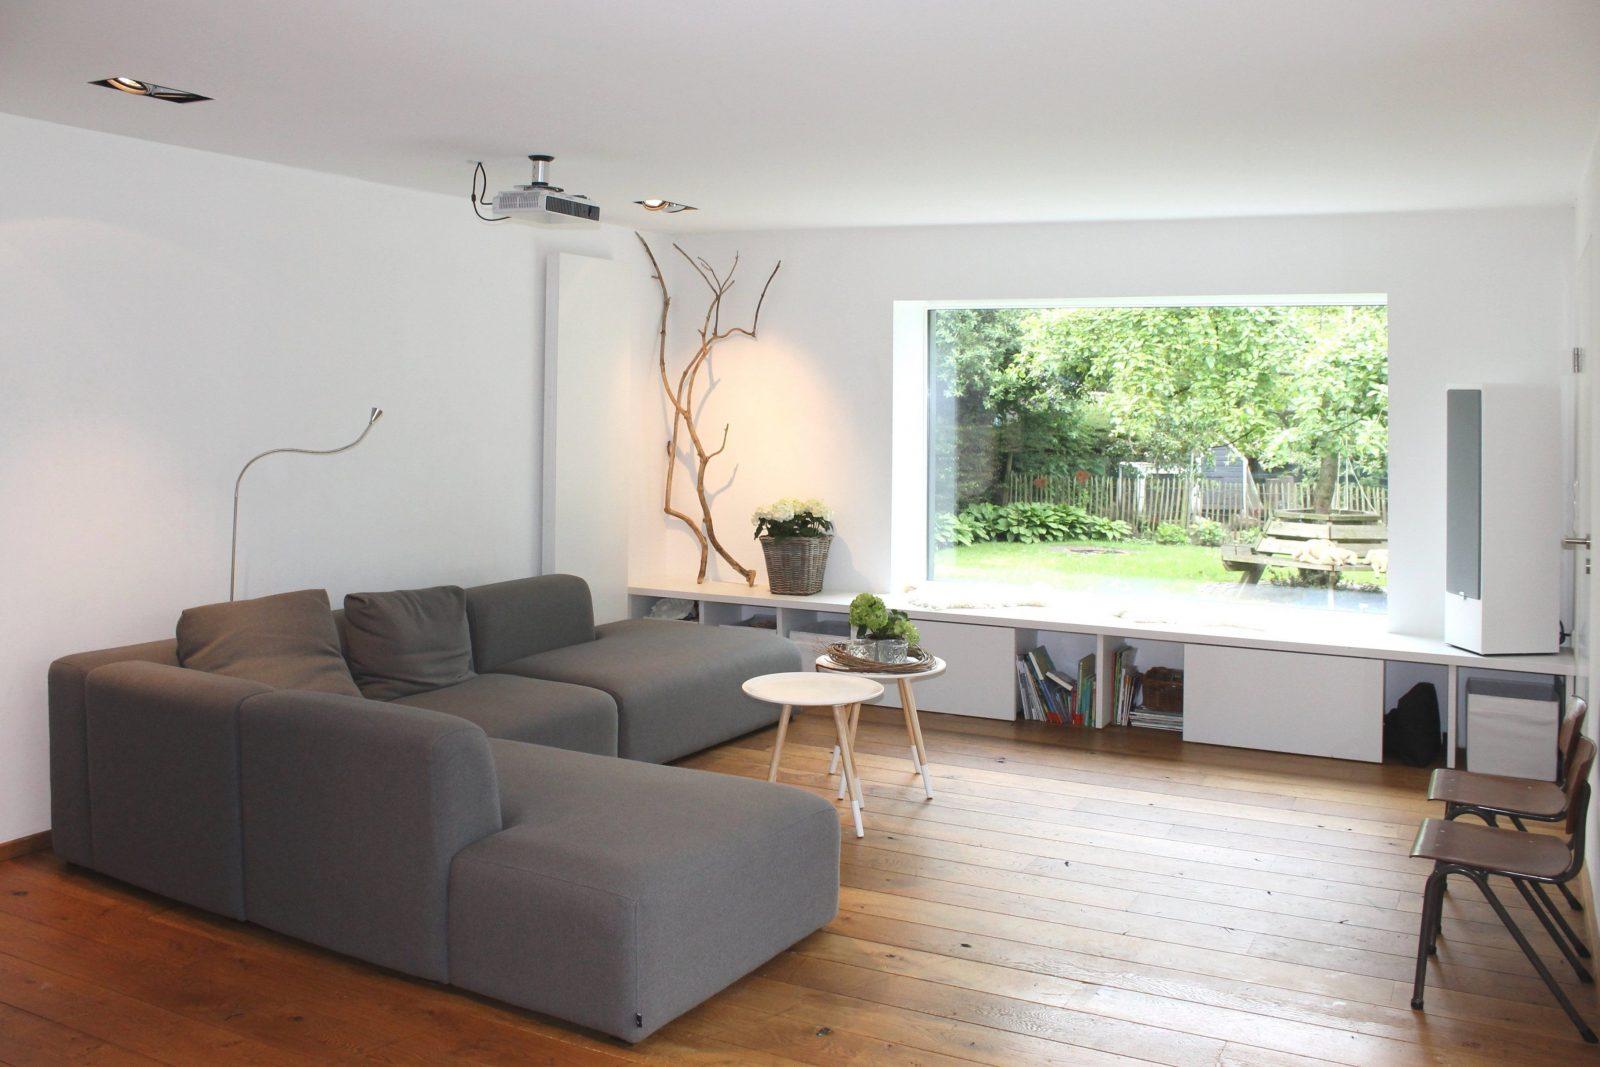 Ziemlich Kleines Wohnzimmer Gestalten Wohn Esszimmer Neu Luxus Avec von Wohn Und Esszimmer Gestalten Photo